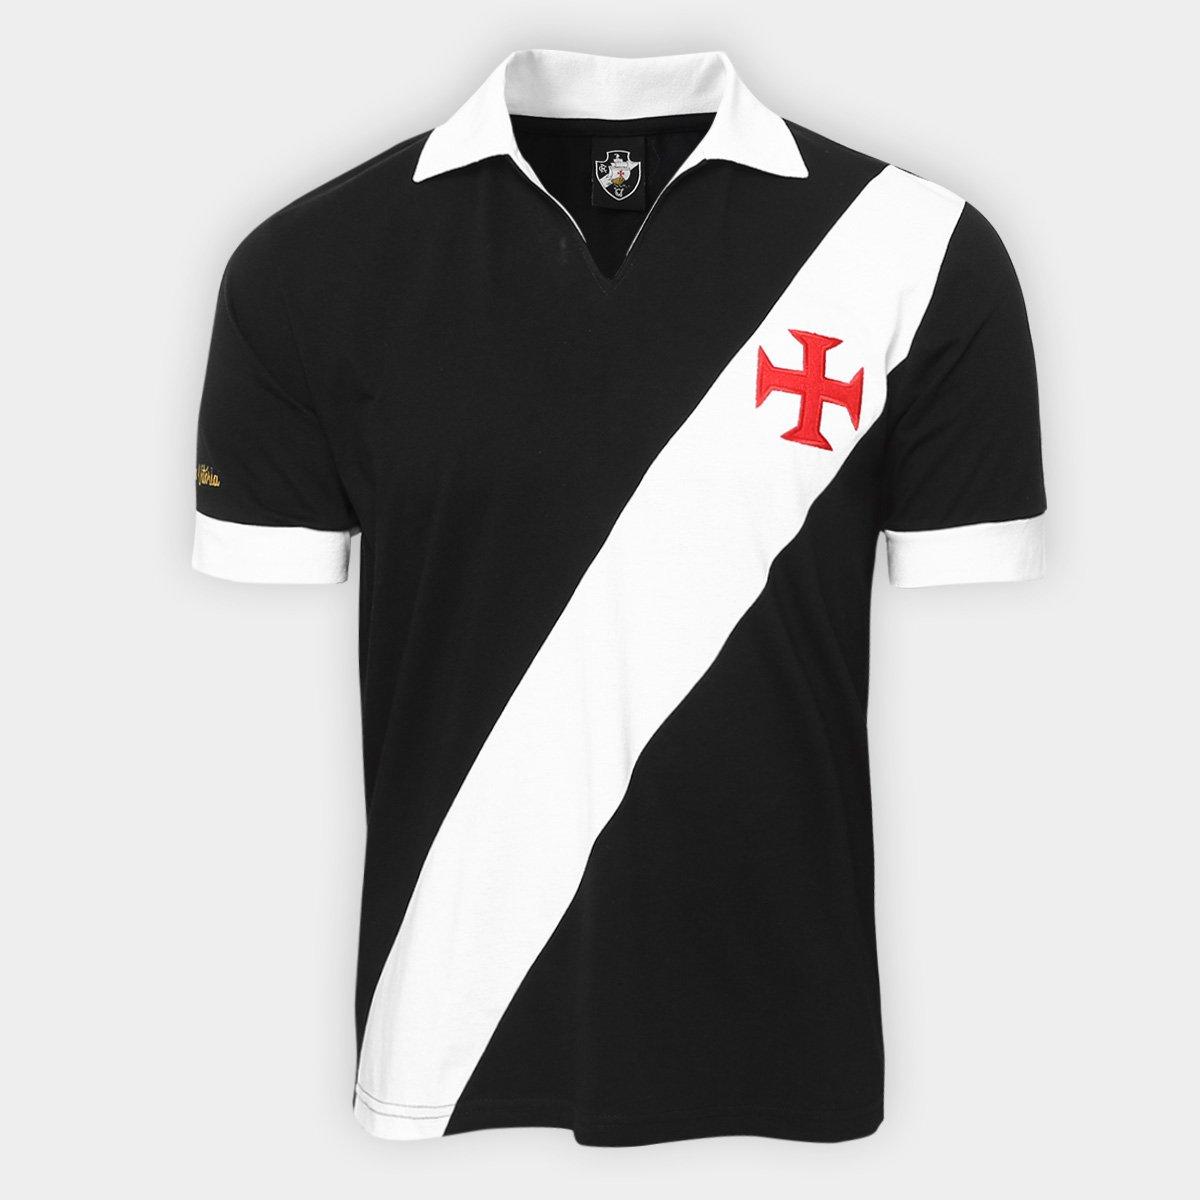 9312a45f7f Camisa Retrô Vasco Expresso Da Vitória Masculina